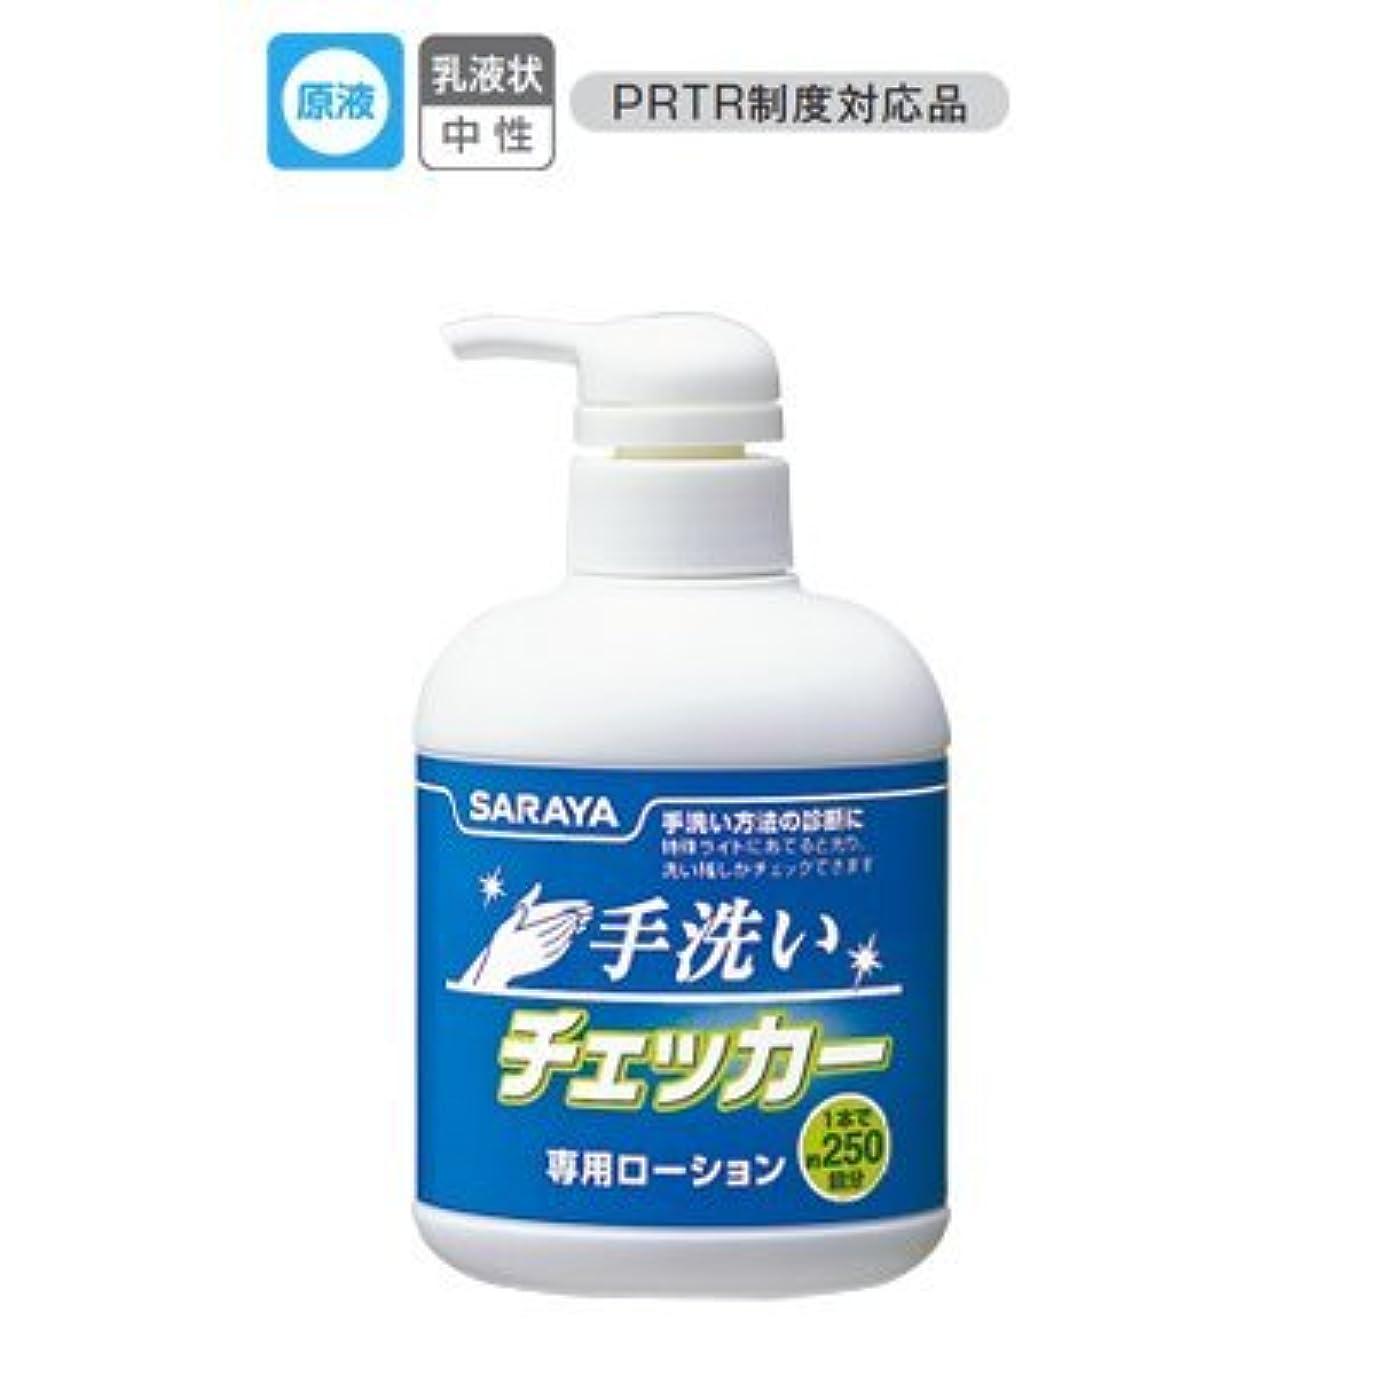 作るアルミニウムぼかすサラヤ 手洗いチェッカー 専用ローション 250mL【清潔キレイ館】